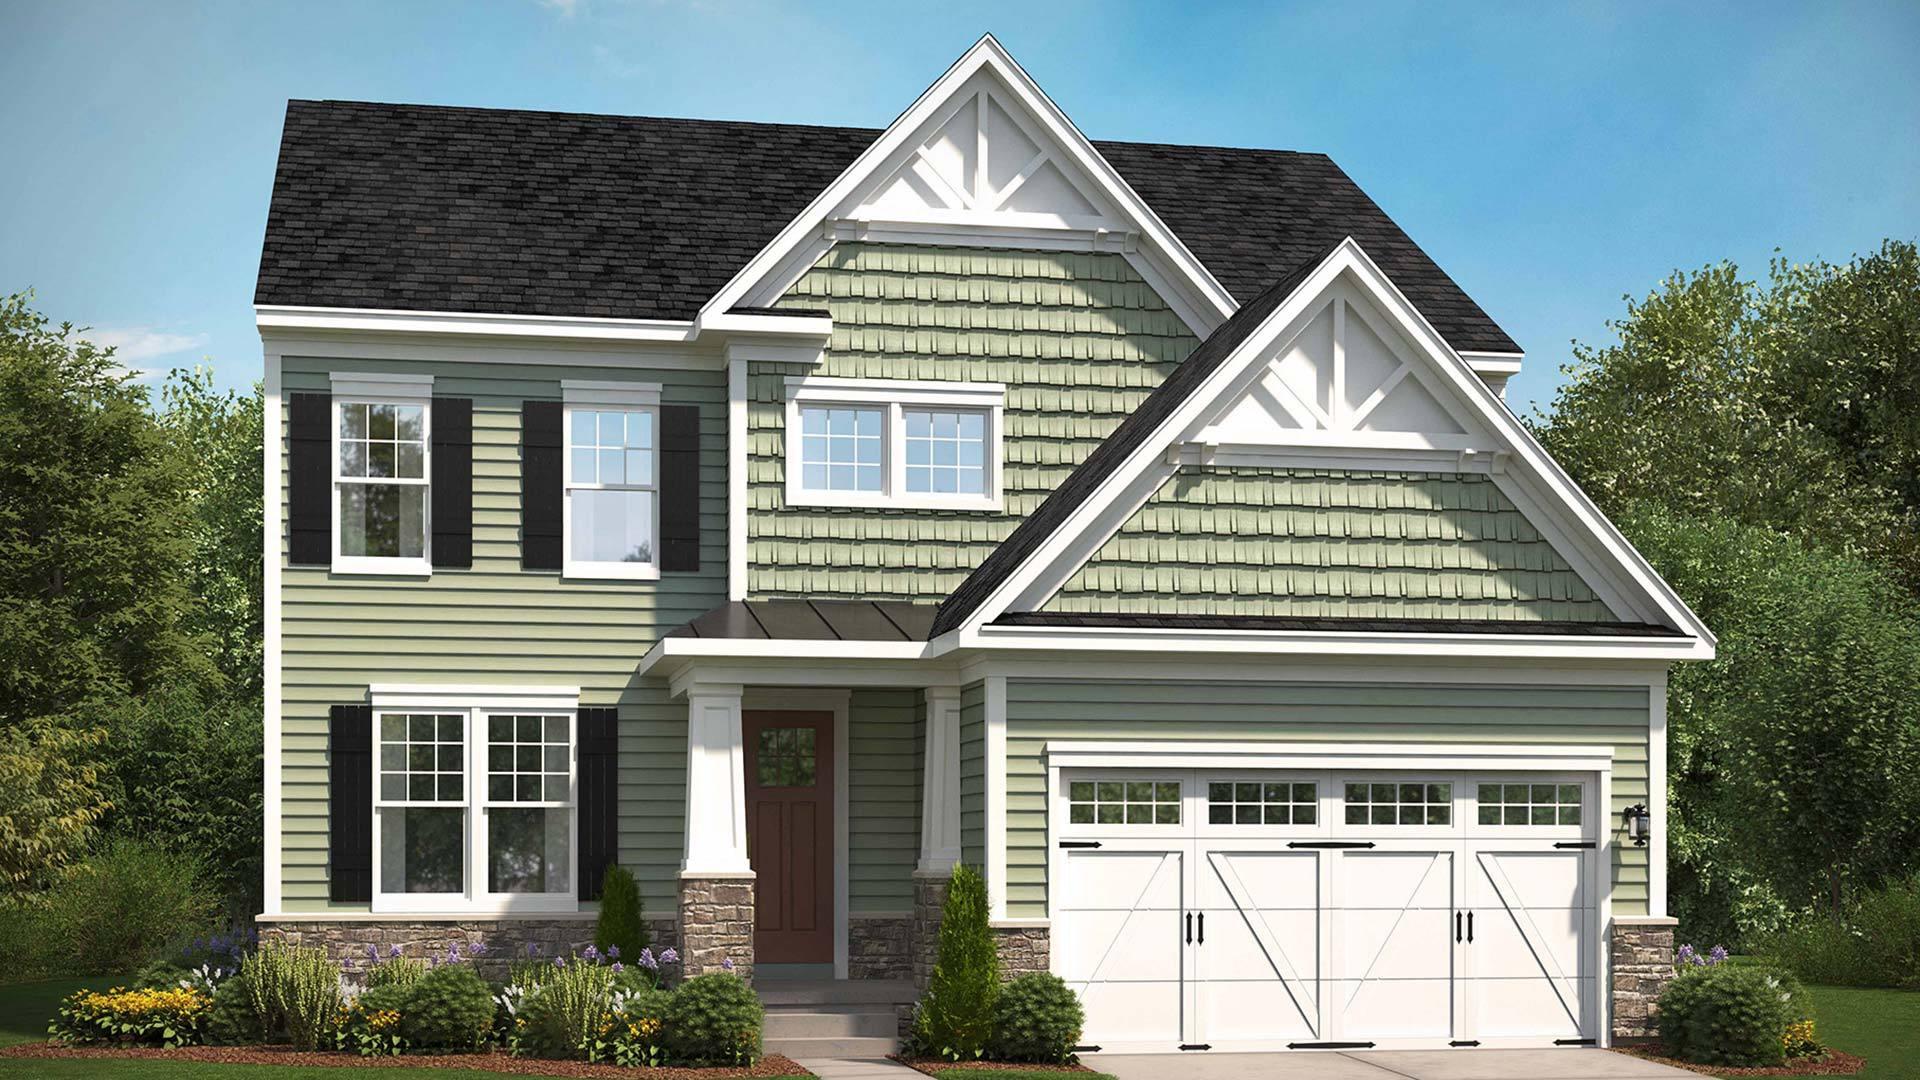 1196 colbert street charlottesville va new home for for Modern homes for sale in virginia